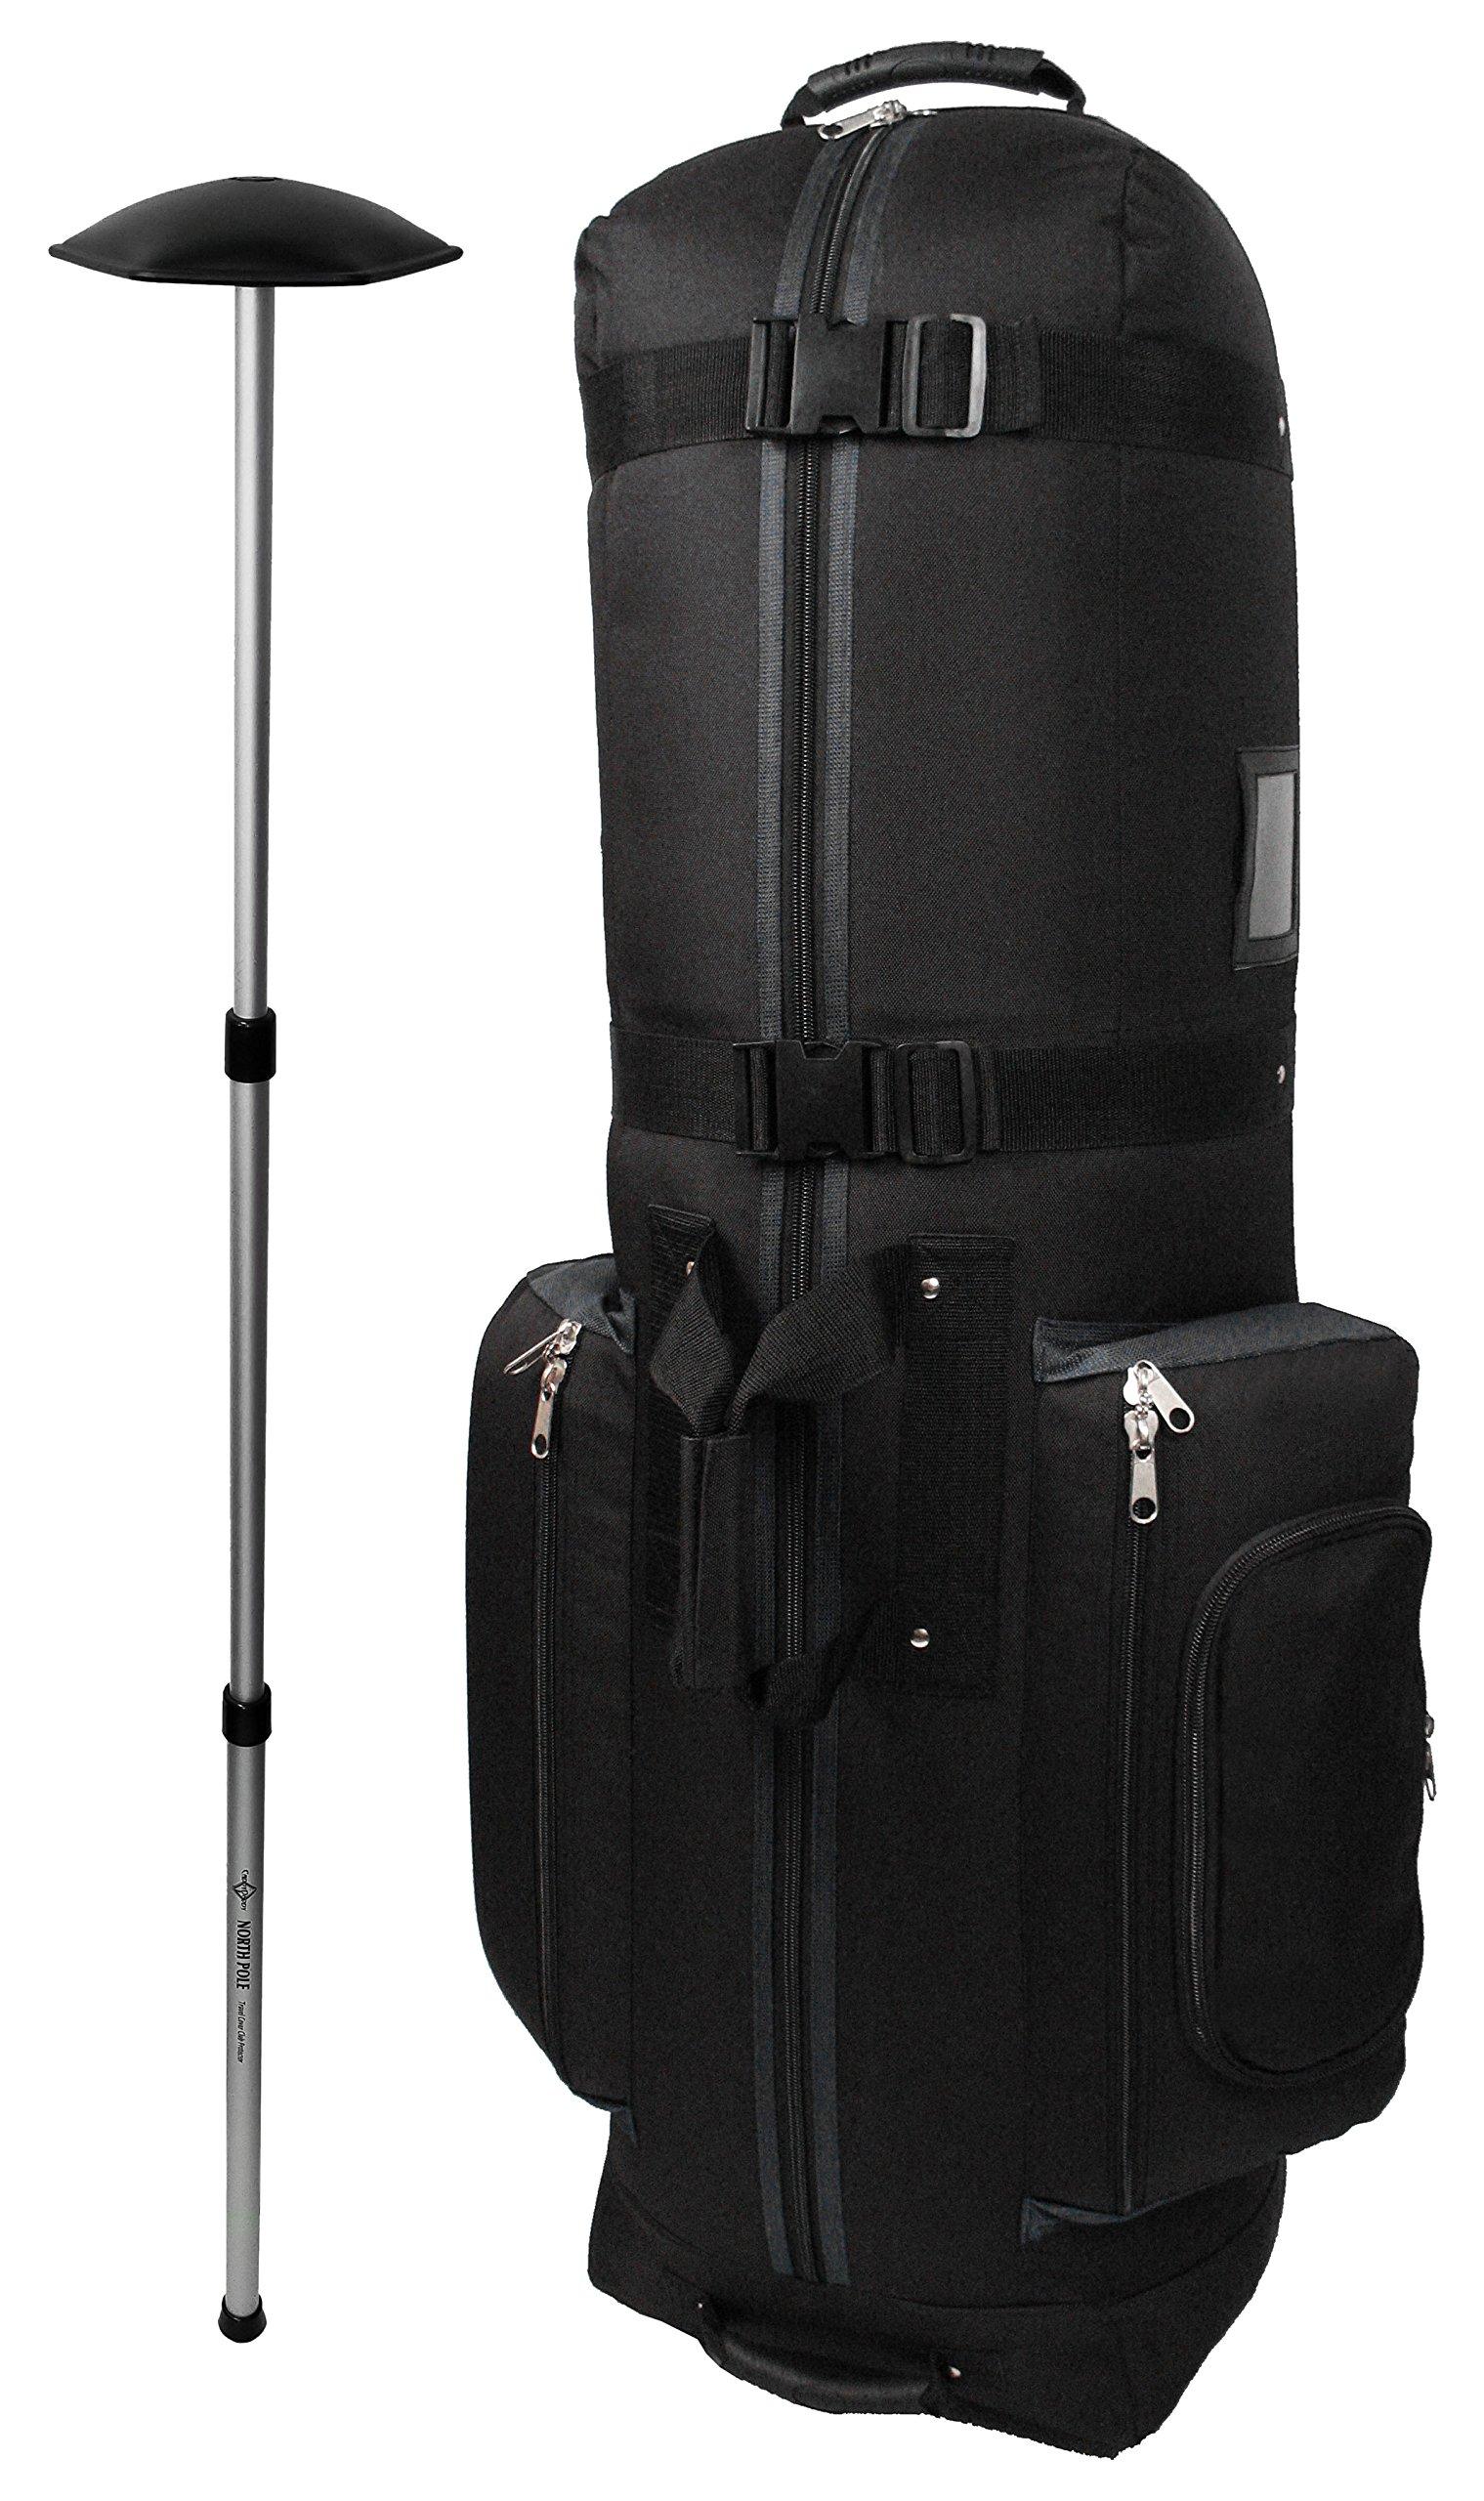 CaddyDaddy Golf CDYCON2GP Constrictor Grey with North Pole Golf Bag Travel Cover, Black/Grey by CaddyDaddy